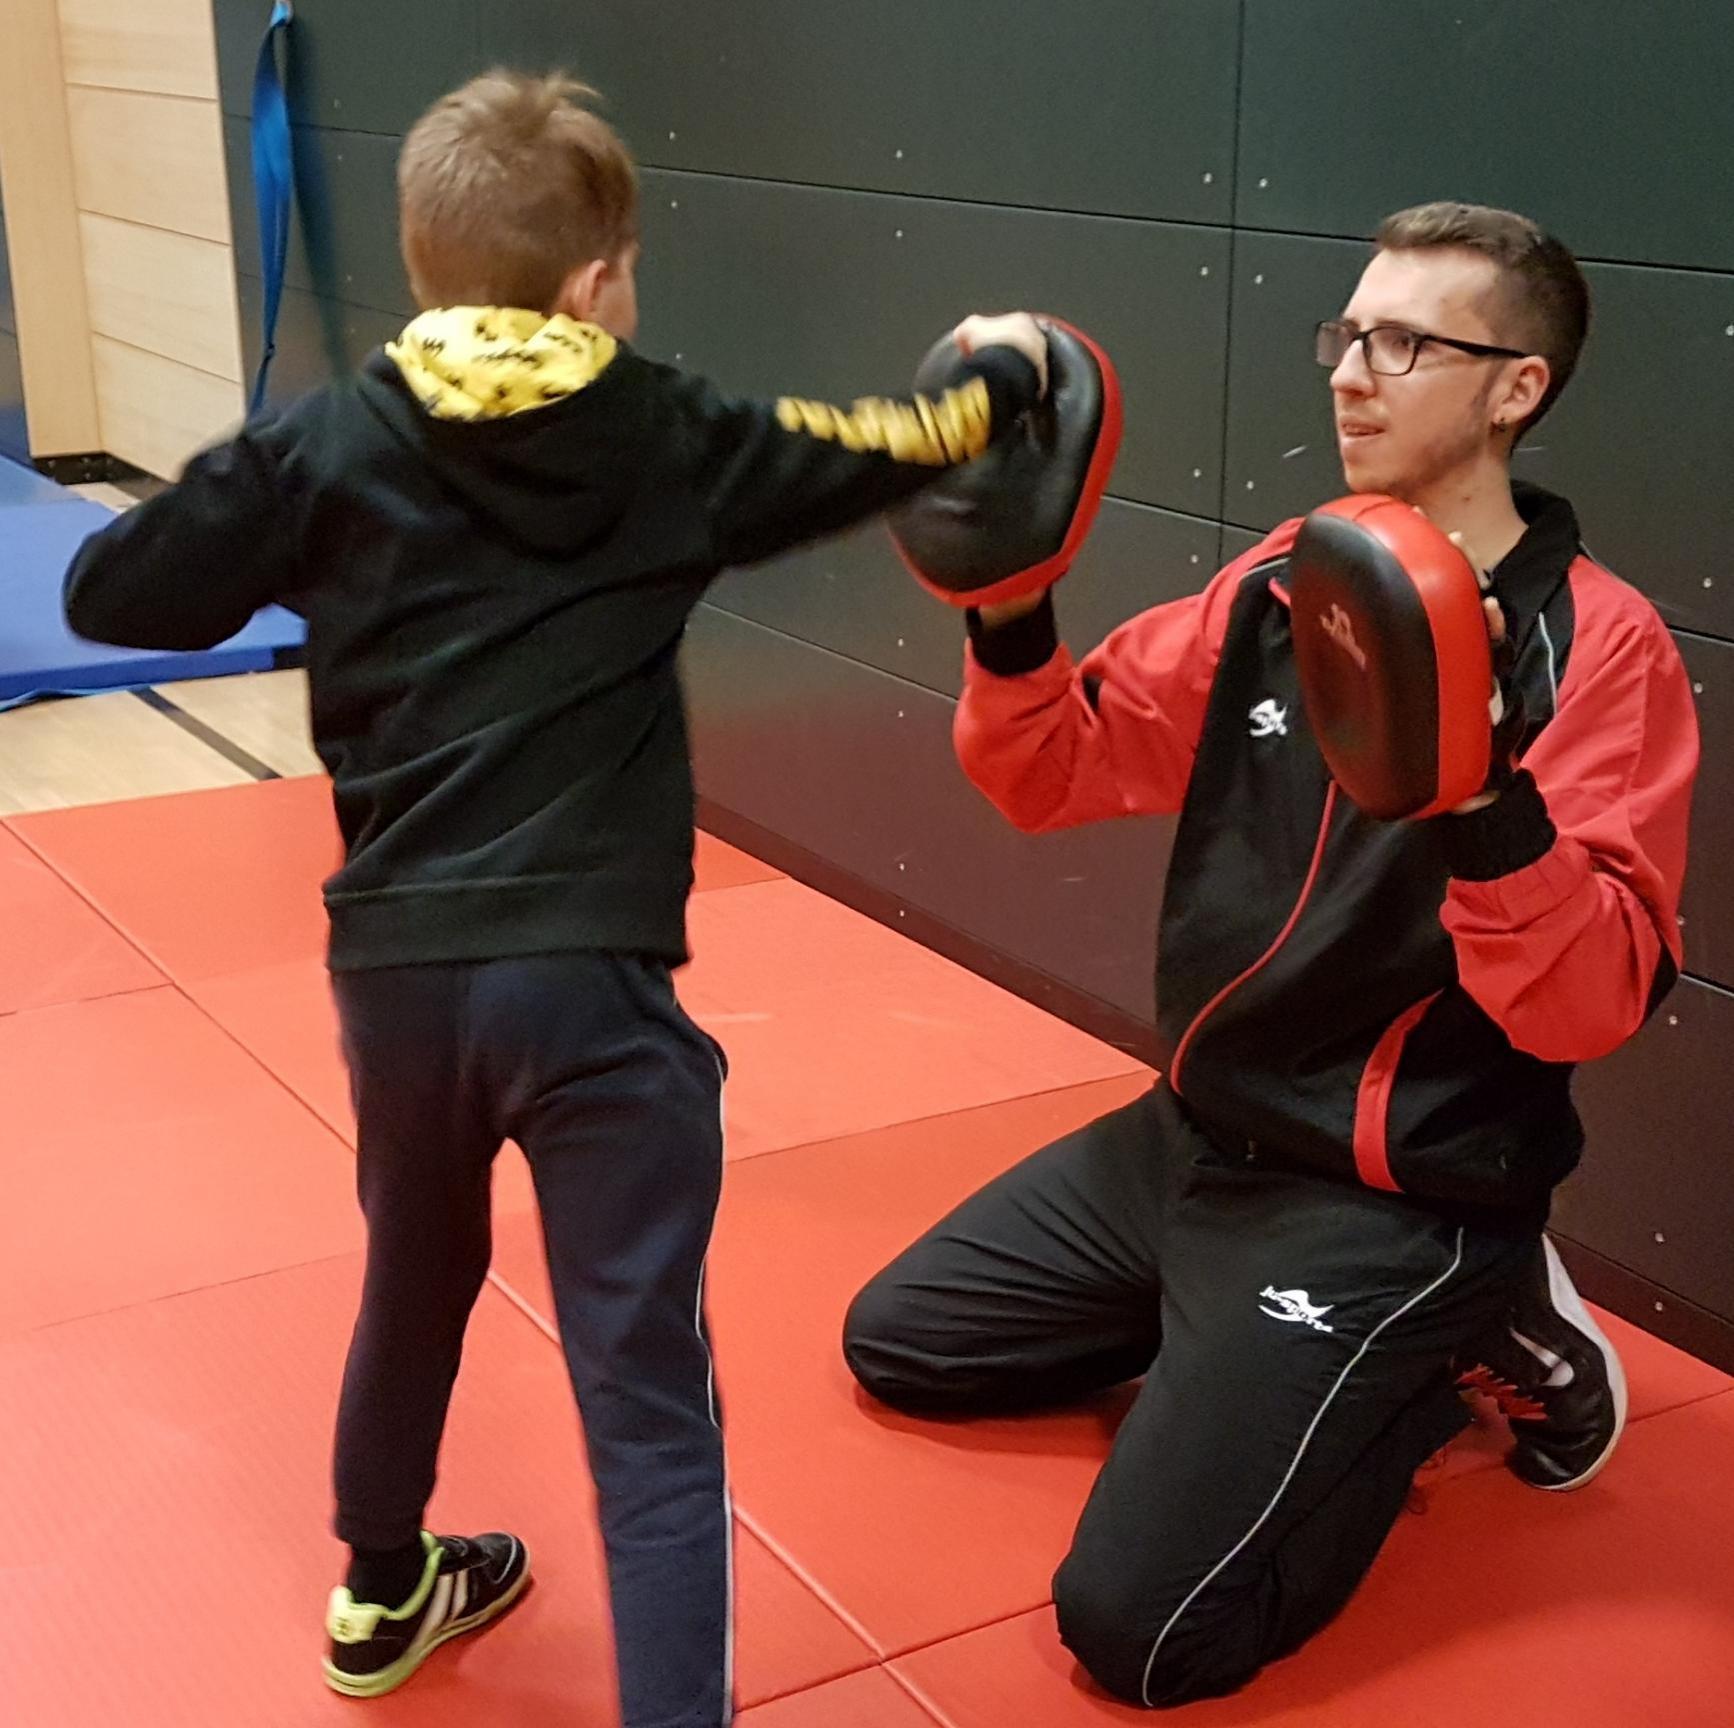 Die Kampfsportler von morgen konnten schon mal ihre Muskeln spielen lassen und kräftig zuschlagen.